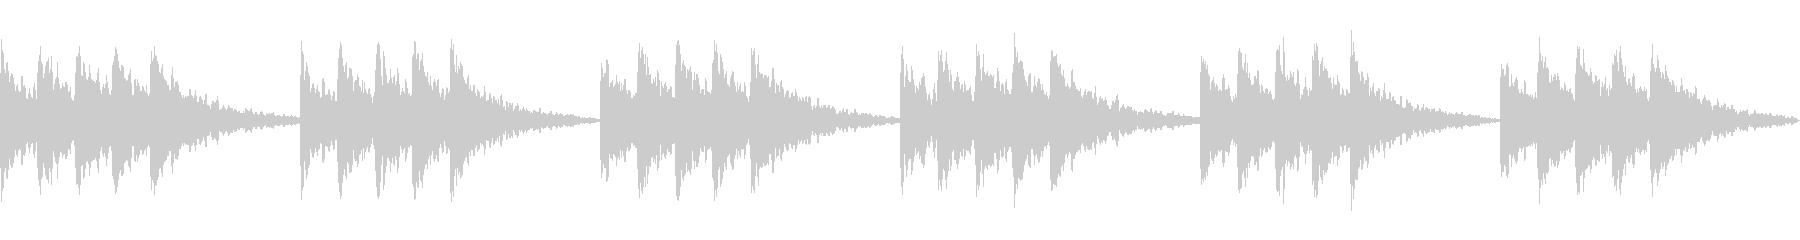 星空のイメージ ベル系の音でシンプルにの未再生の波形